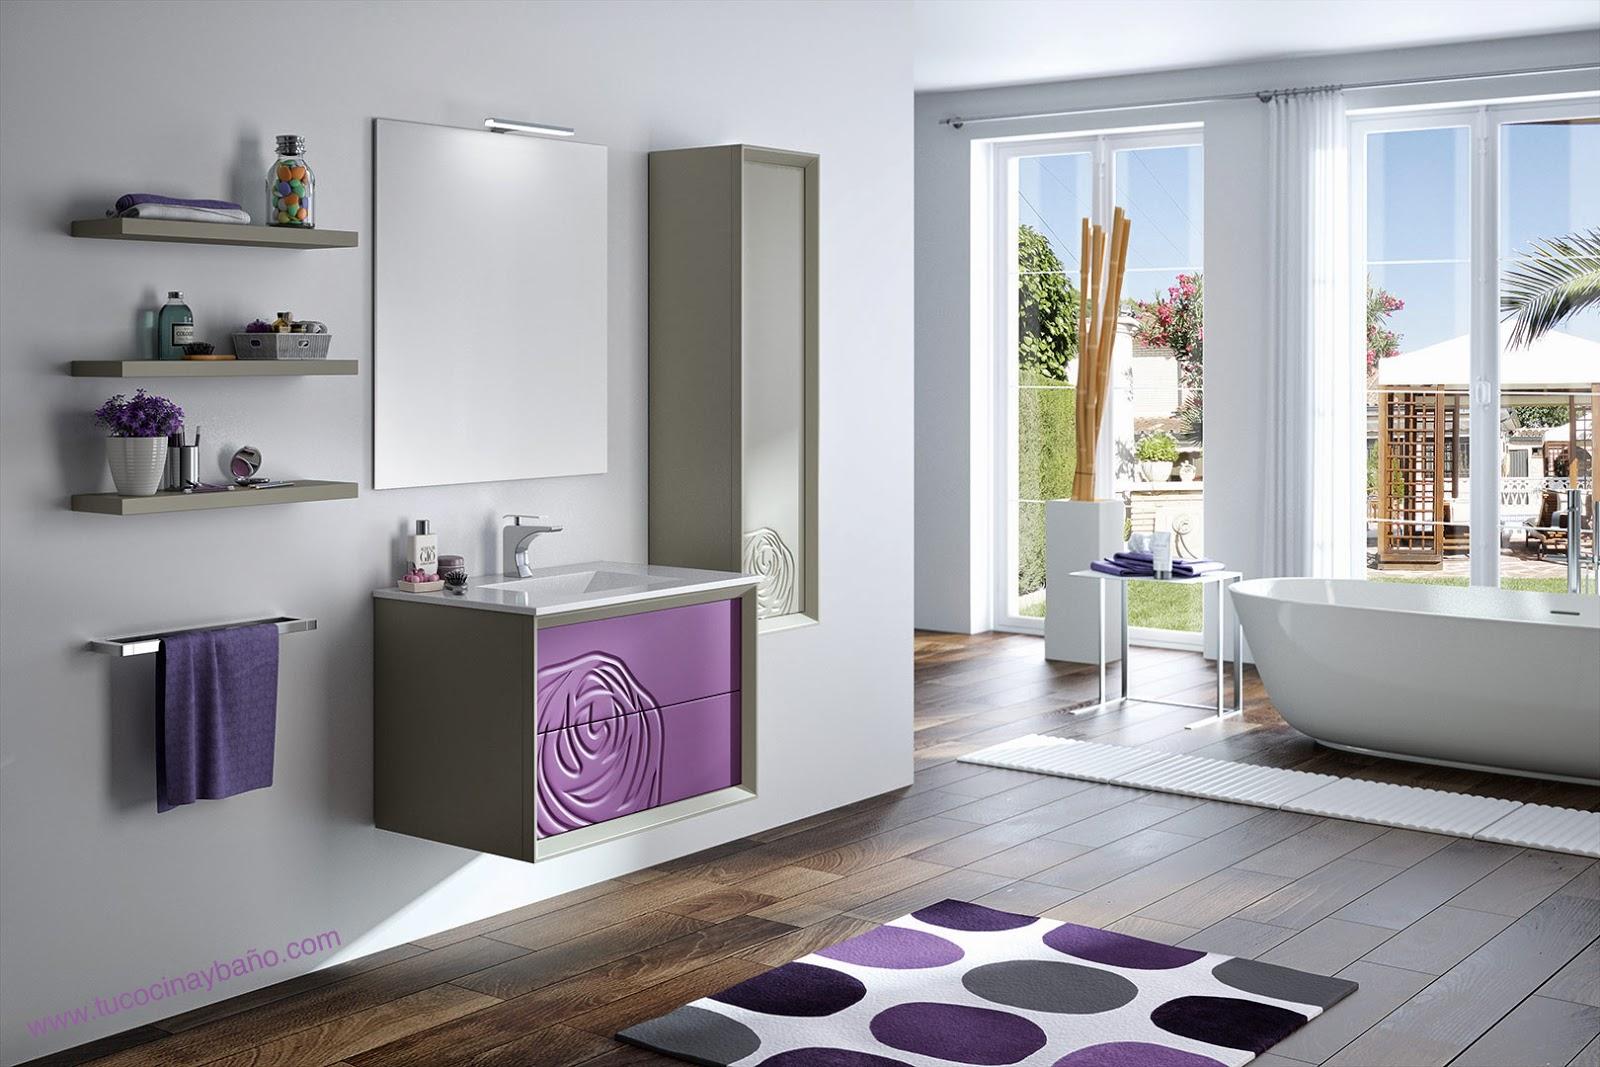 Mueble De Ba O Rosal 2 Colores Tu Cocina Y Ba O # Muebles Volumen